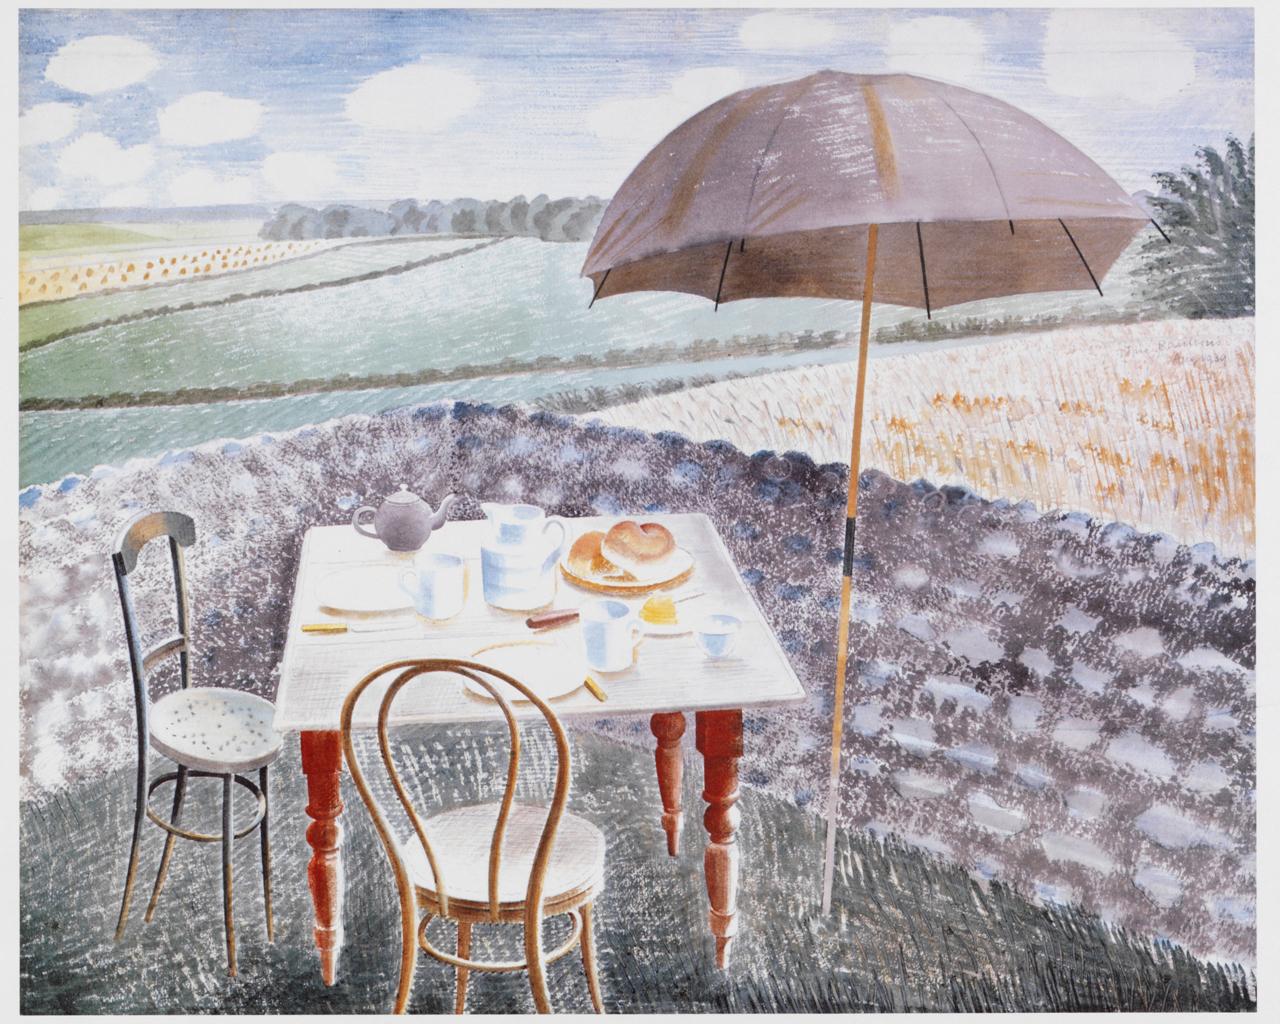 Work of the Week 30: Tea at Furlongs by Eric Ravilious